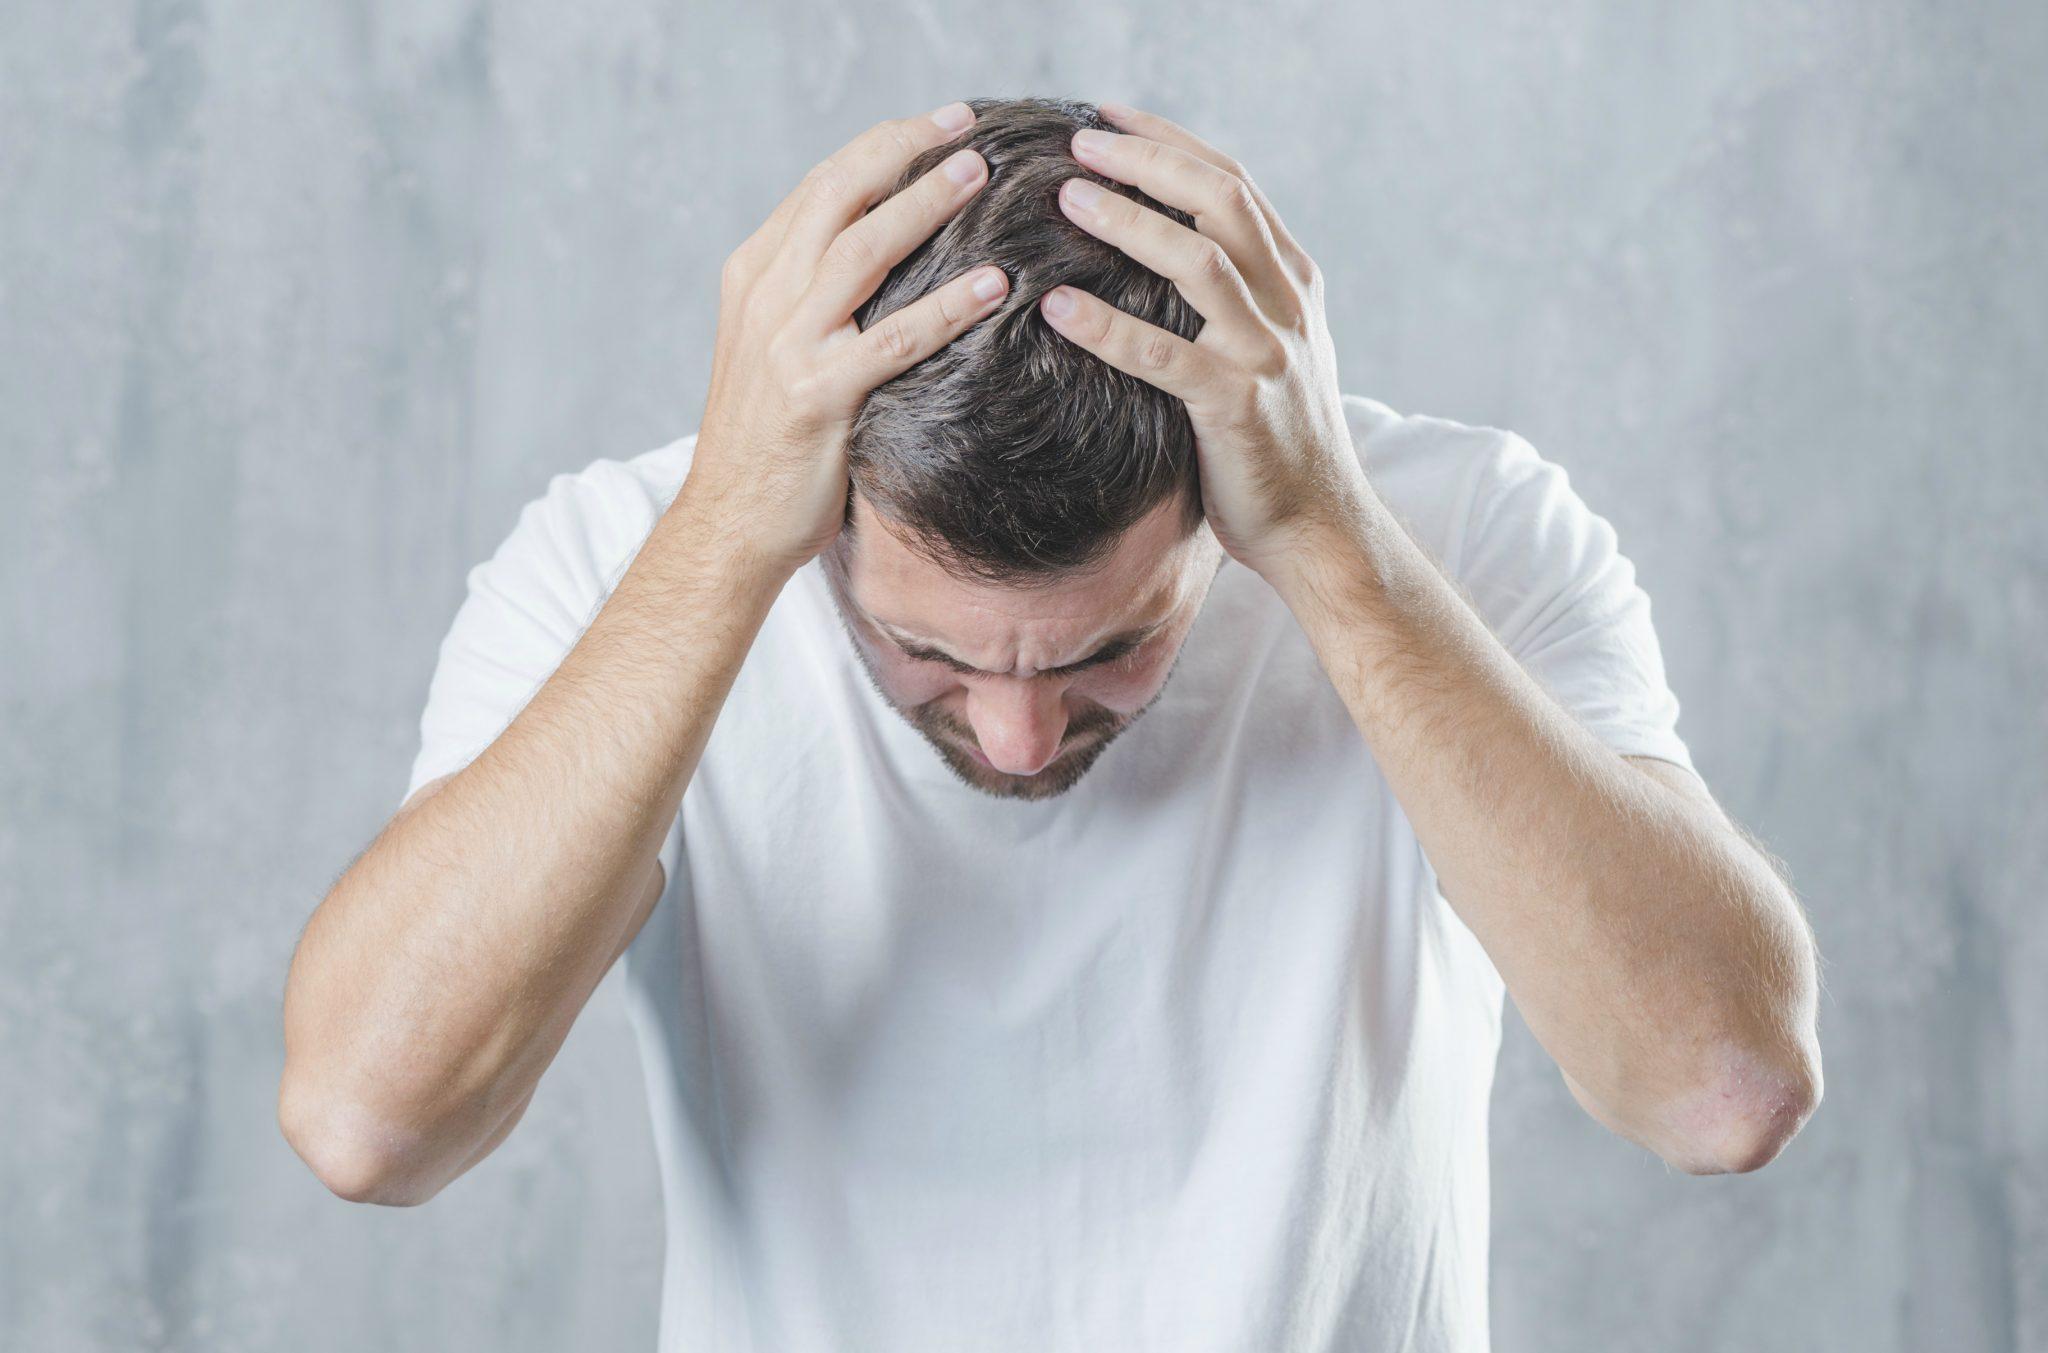 Homem sentindo fortes dores de cabeça, sintomas da esquizofrenia